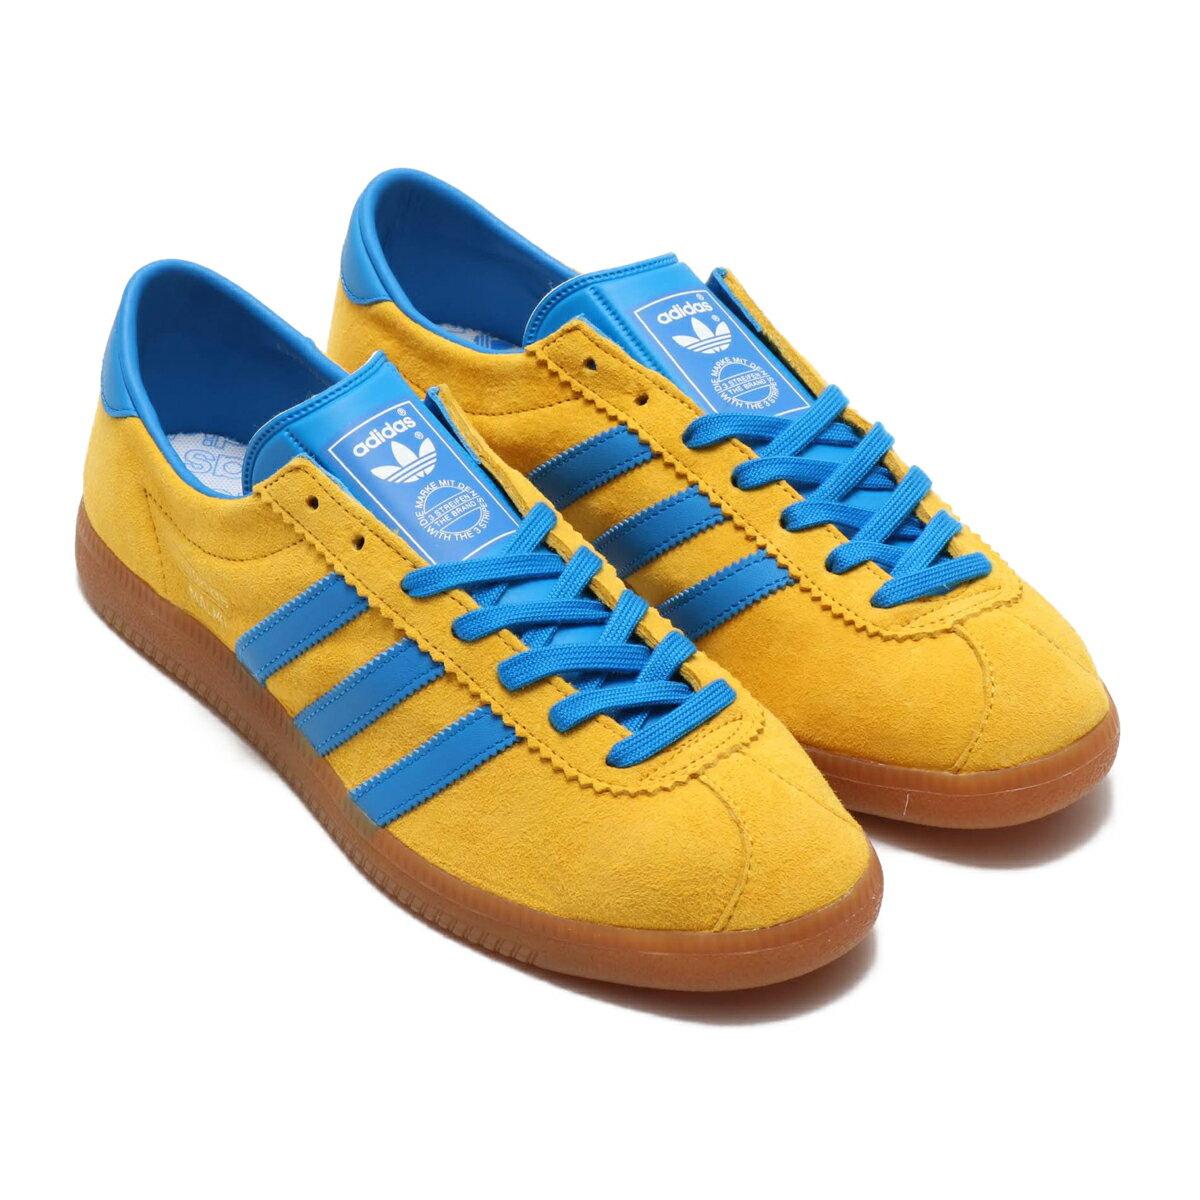 メンズ靴, スニーカー adidas MALMO( )ACTIVE GOLDBLUE BIRDGOLD MET 19FW-S